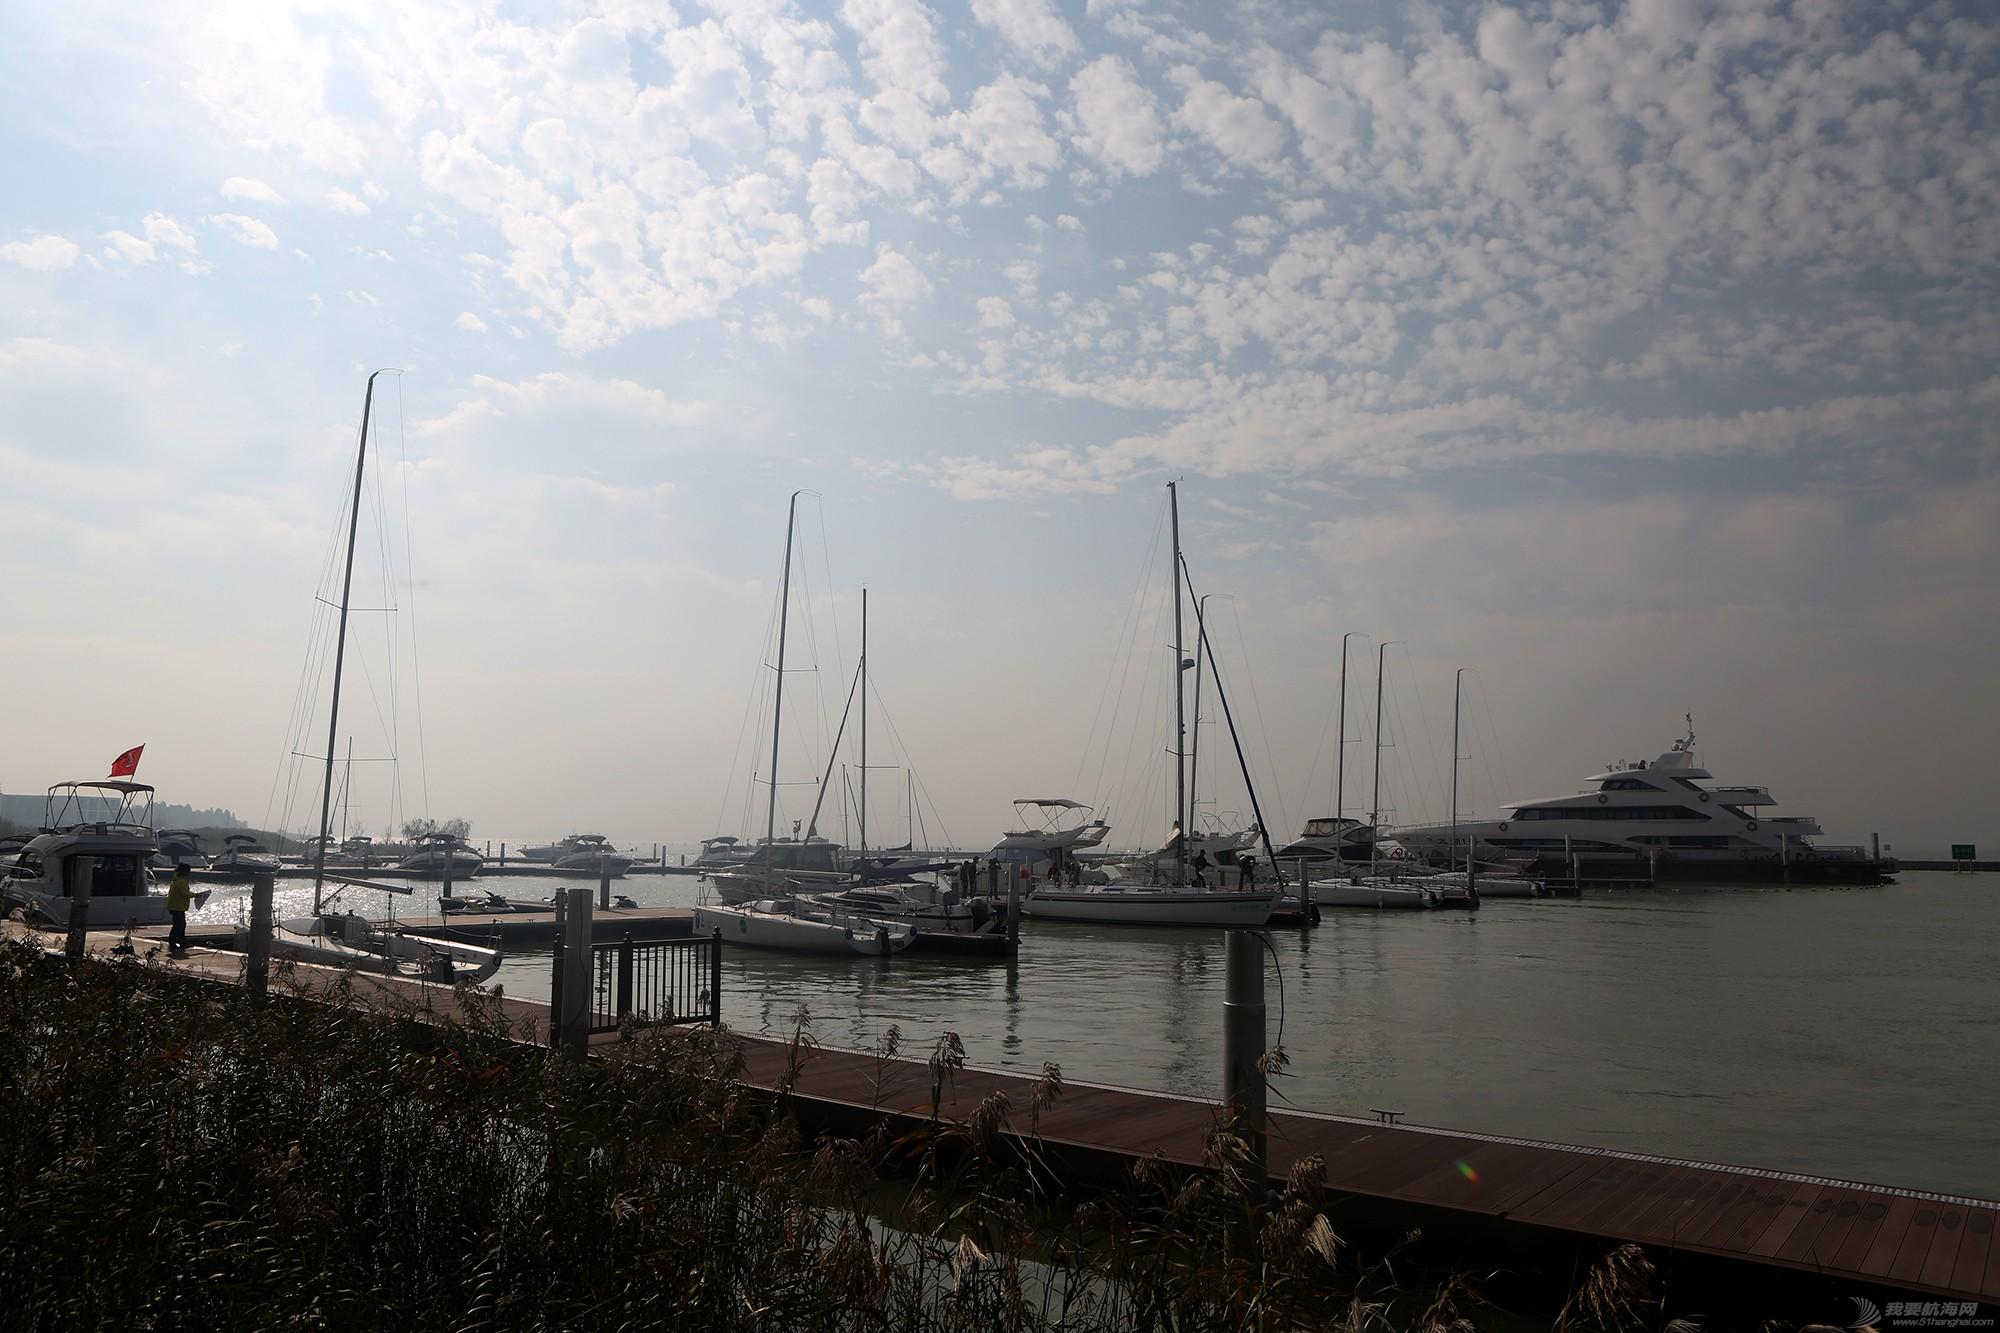 俱乐部,总经理 我要航海网专访菱湖湾游艇俱乐部凌黎总经理 5V8A7089.JPG